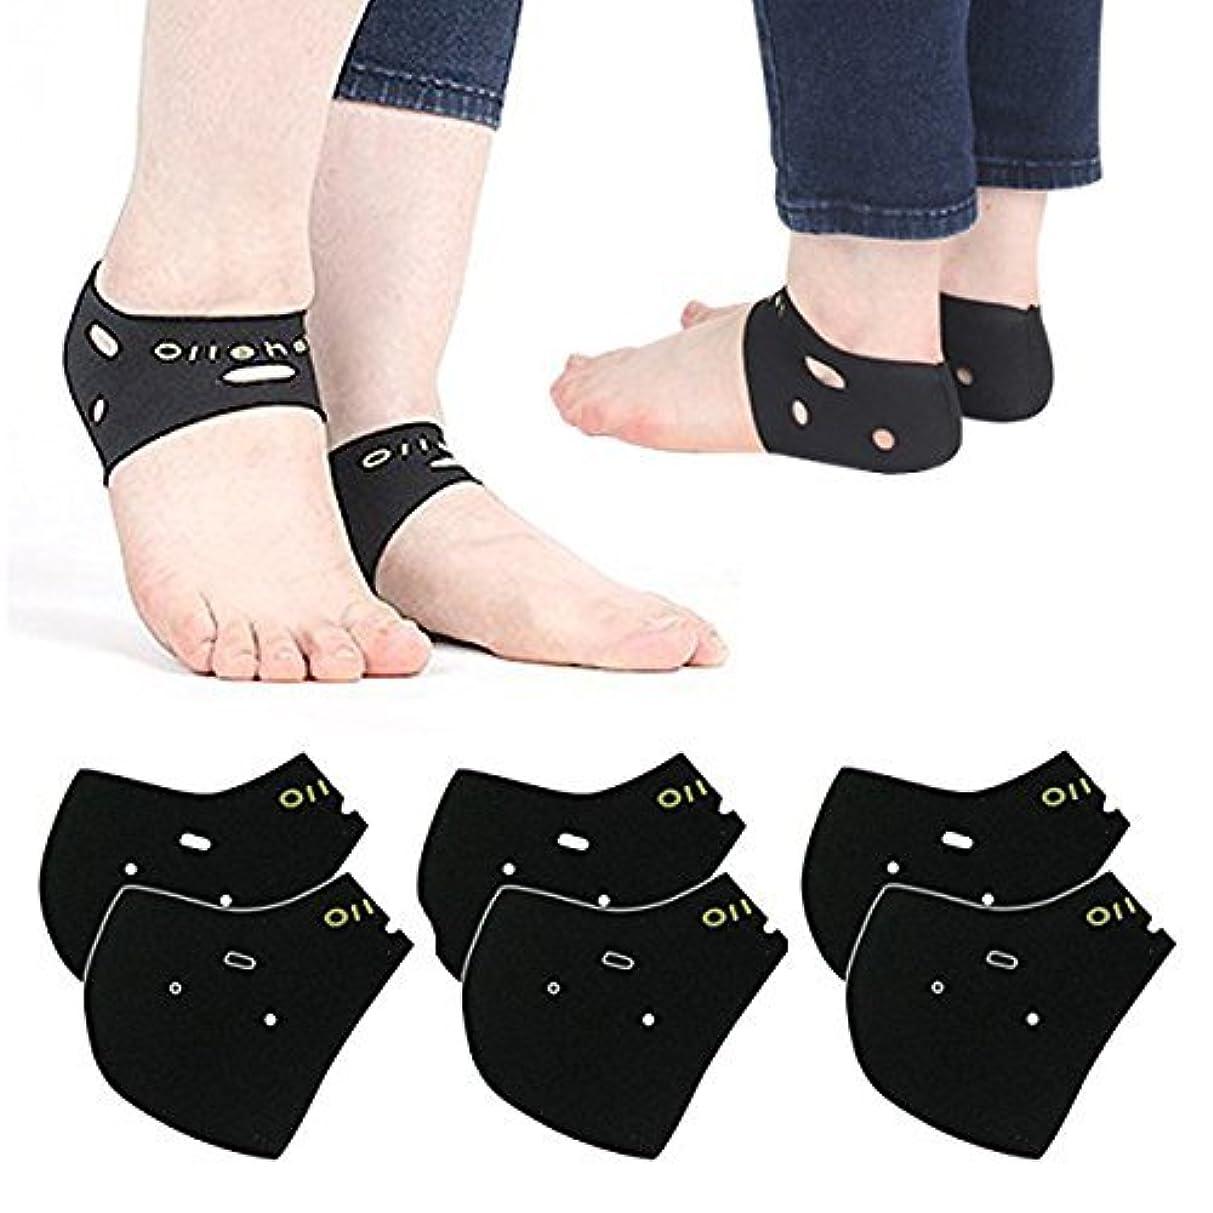 二次論理タイプかかとケア 靴下 3足 1セット ソックス かかとサポーター 角質ケア 保温 保湿 防寒靴下 発熱ソックス 冷え取り 両足 フリーサイズ かかと ケア